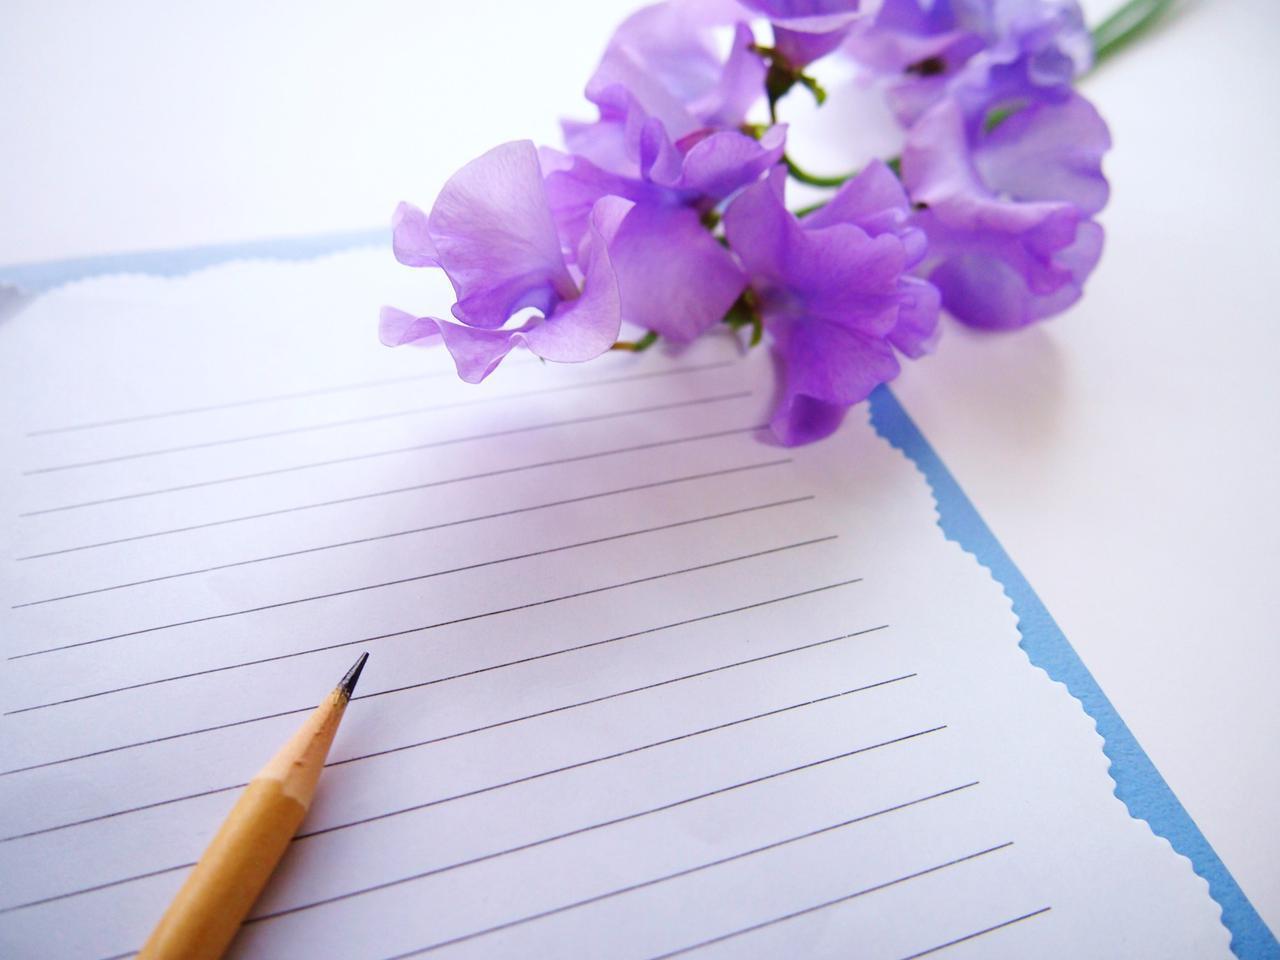 画像: 【卒寿のお祝い】メッセージの書き方は?注意点はある?例文付きで紹介